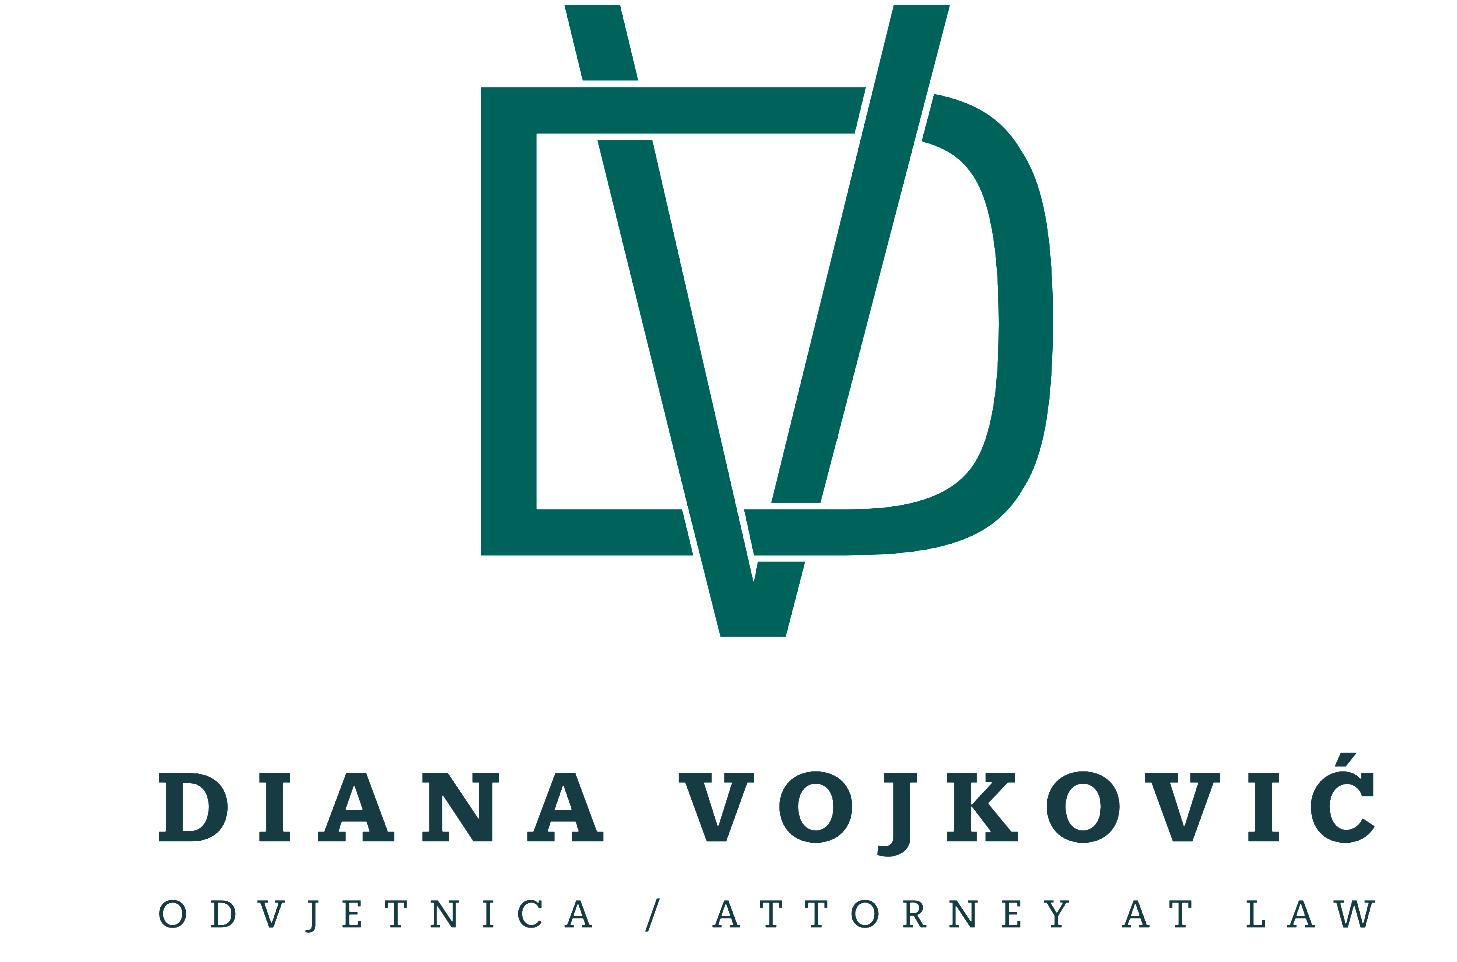 Diana Vojković logo